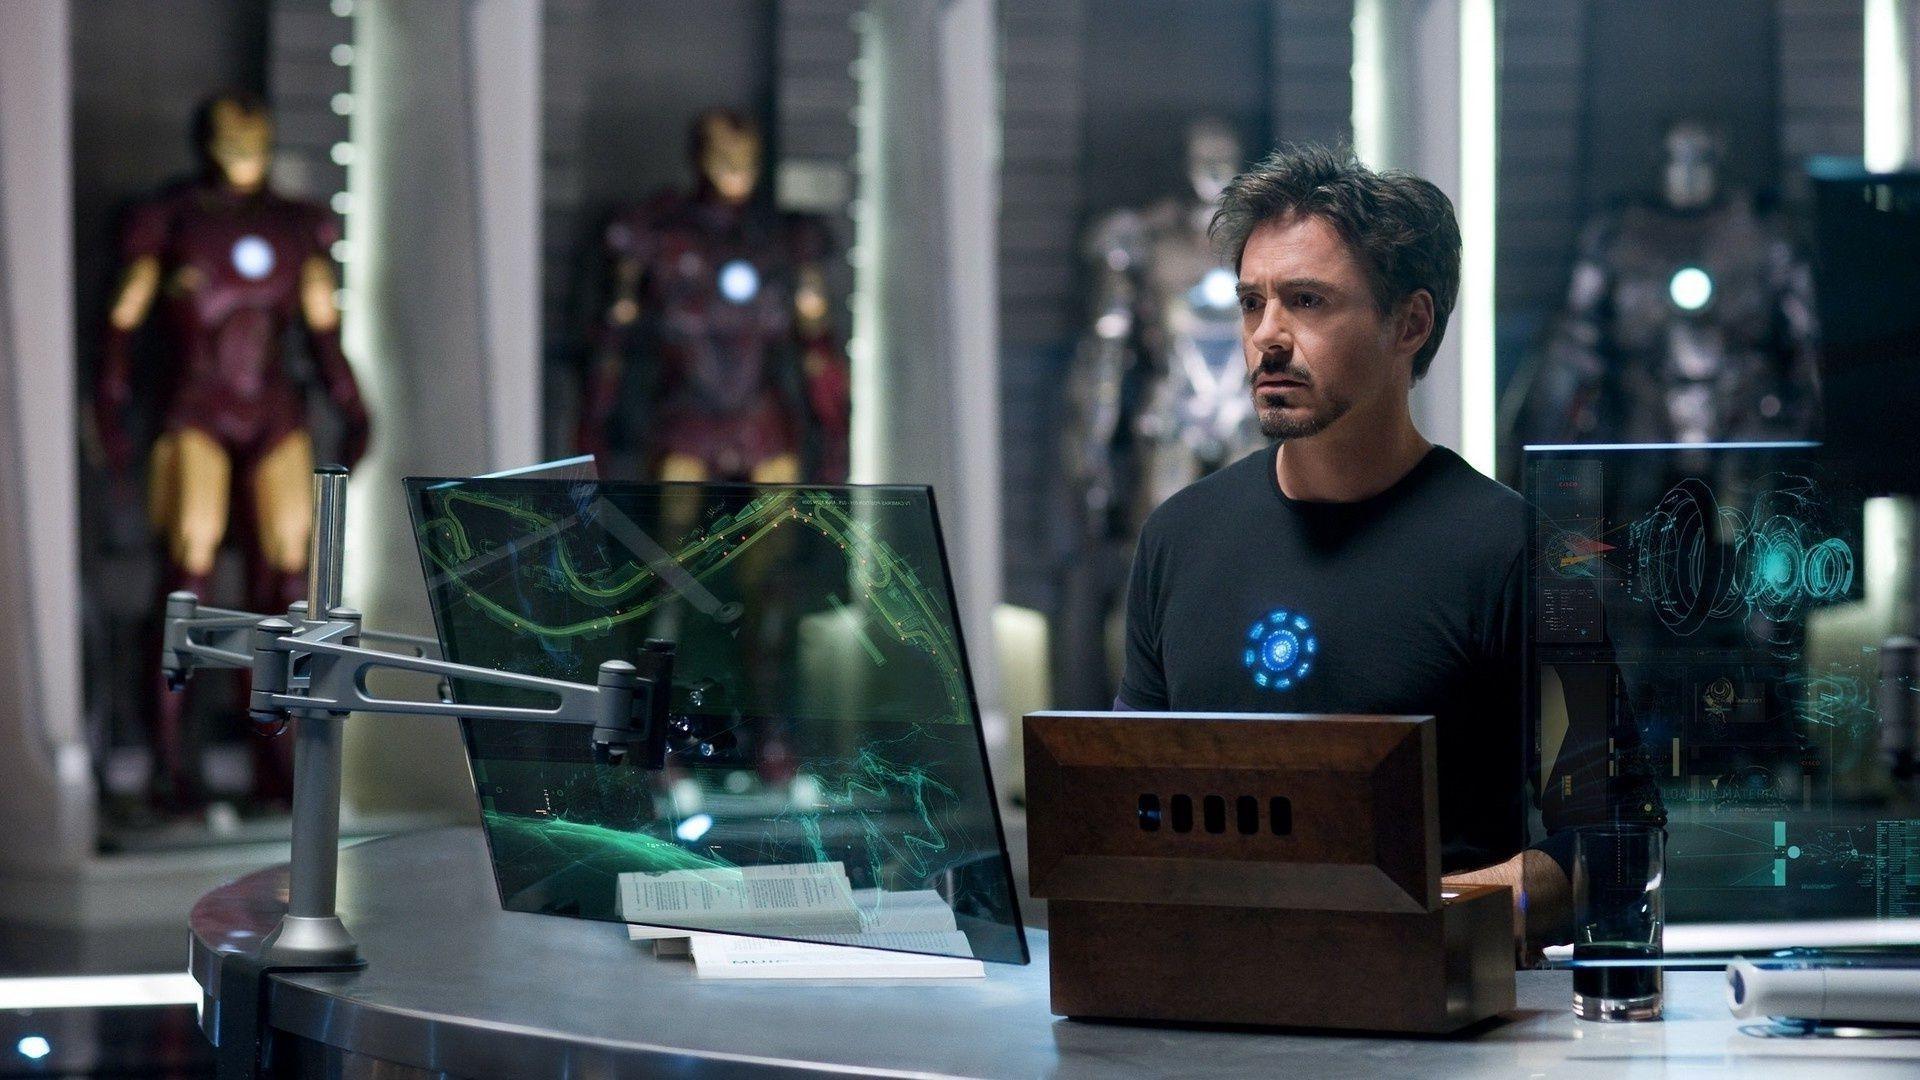 Iron Man Car >> Tony stark robert downey jr iron man - Phone wallpapers